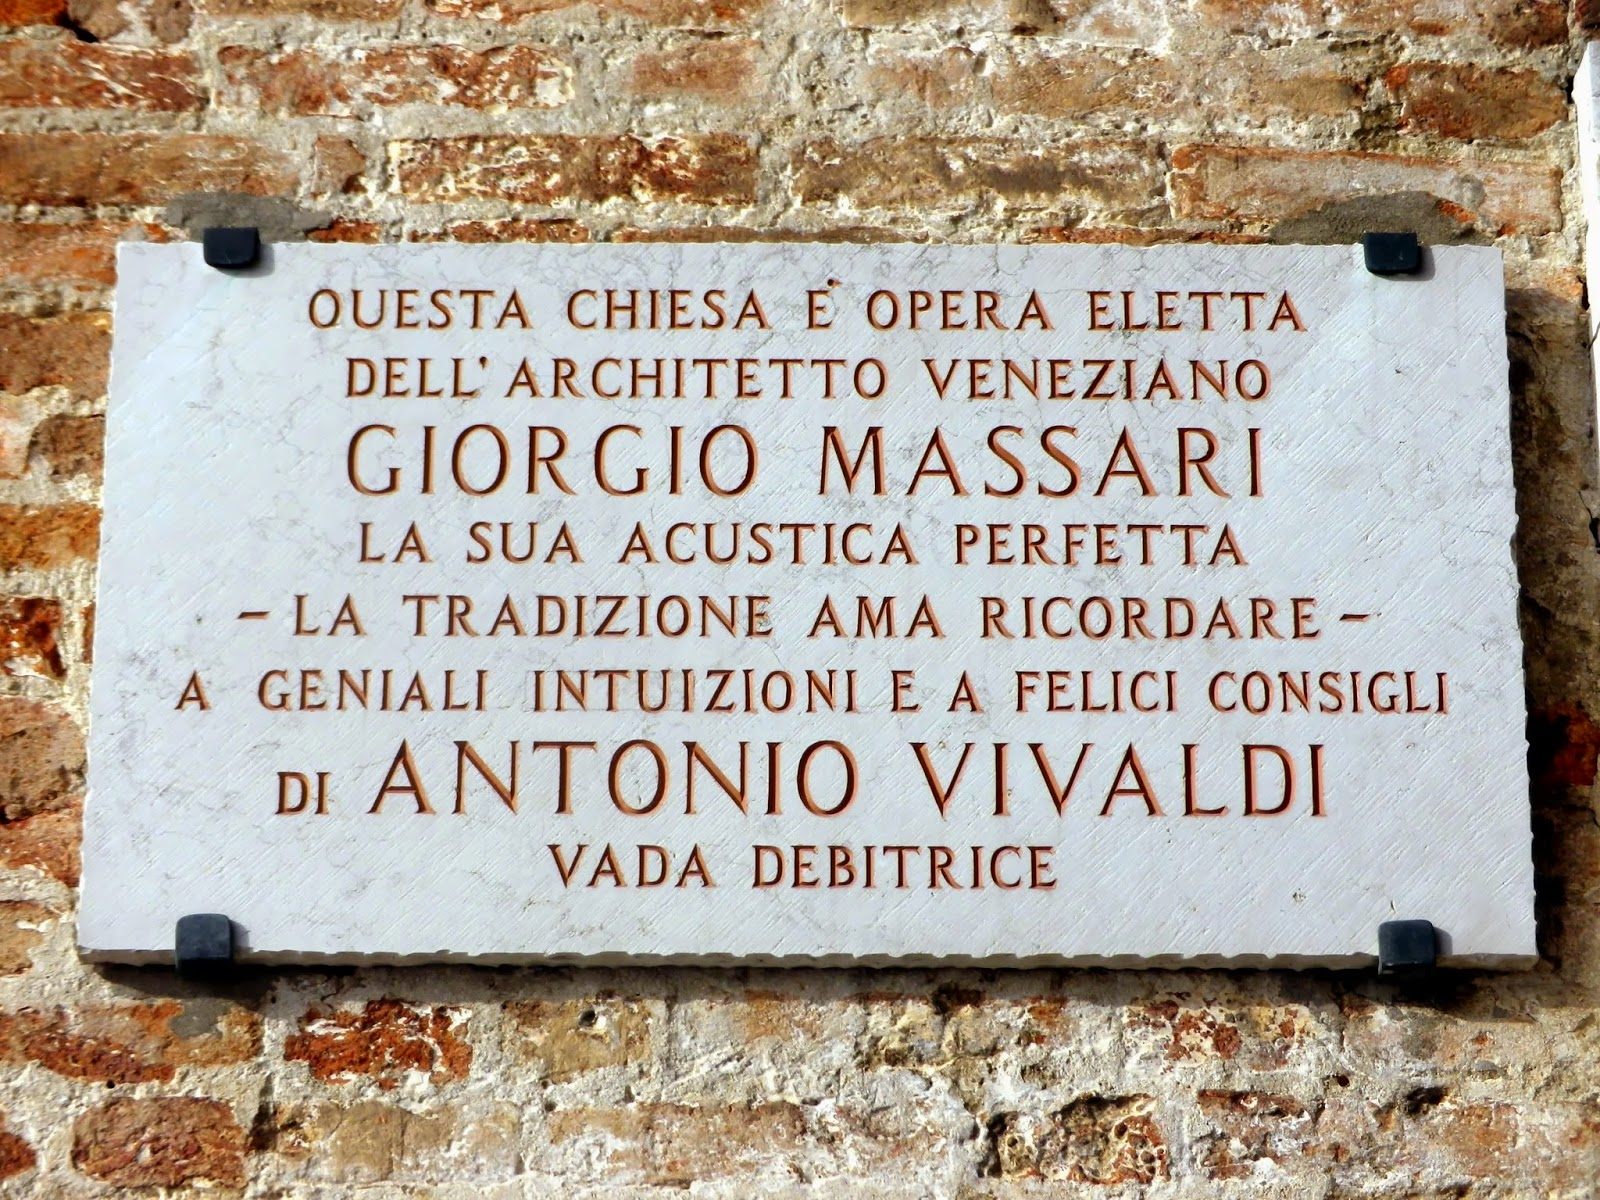 Plaque to Giorgio Massari and Antonio Vivaldi on the church of Santa Maria della Pietà, Venice.